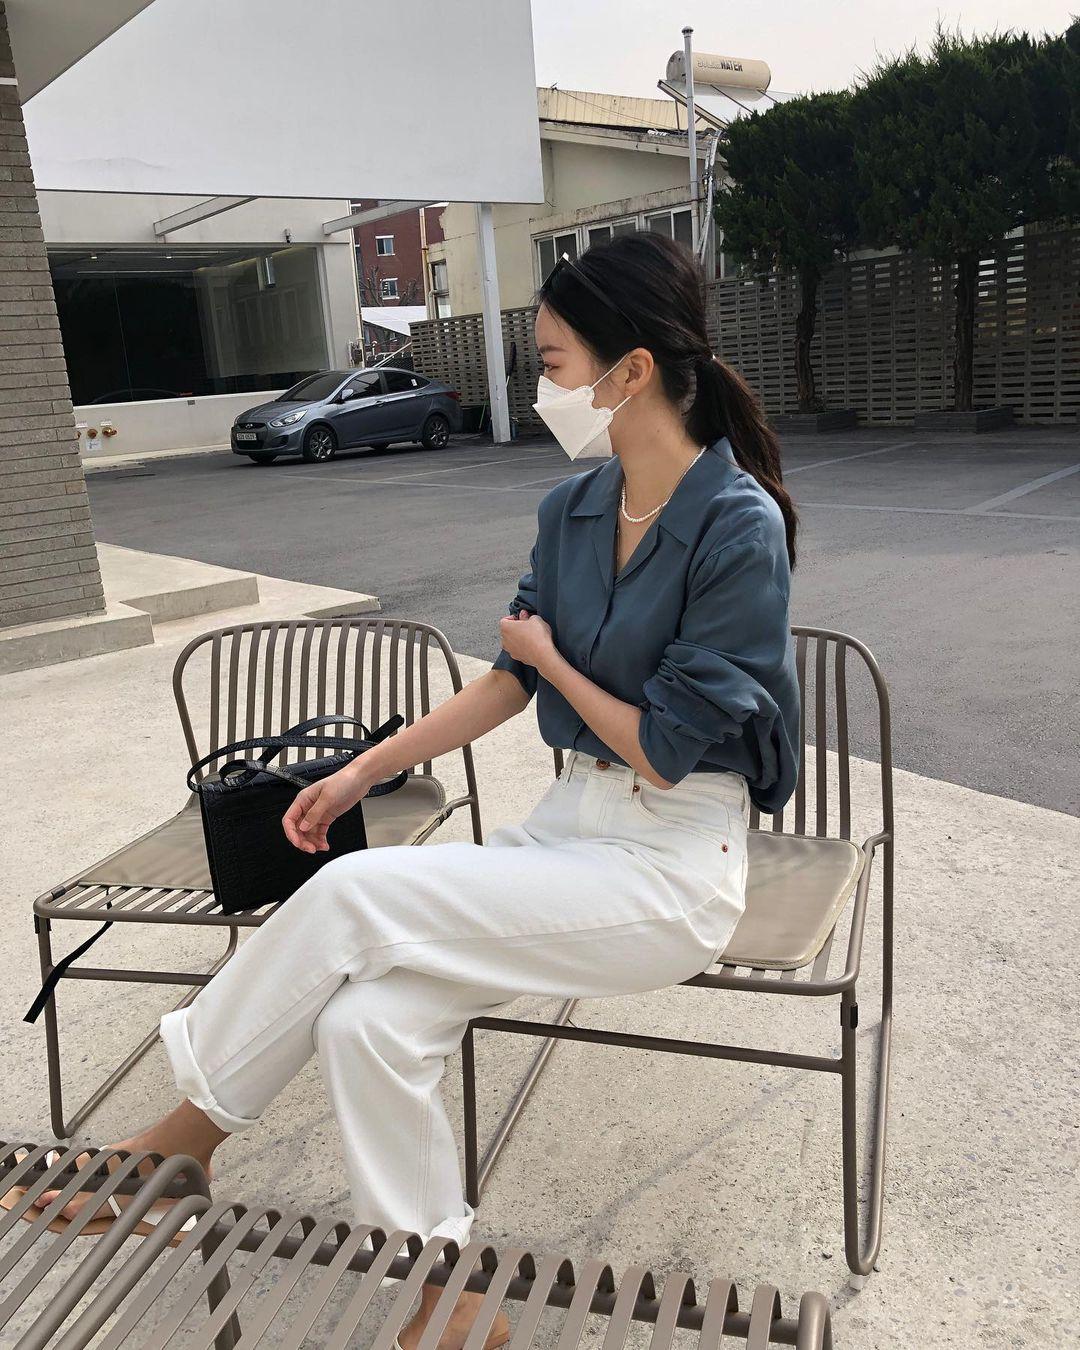 Nàng blogger Hàn có biệt tài diện toàn đồ đơn giản mà ai cũng muốn copy theo, diện đi làm hay đi chơi cũng ổn - Ảnh 6.